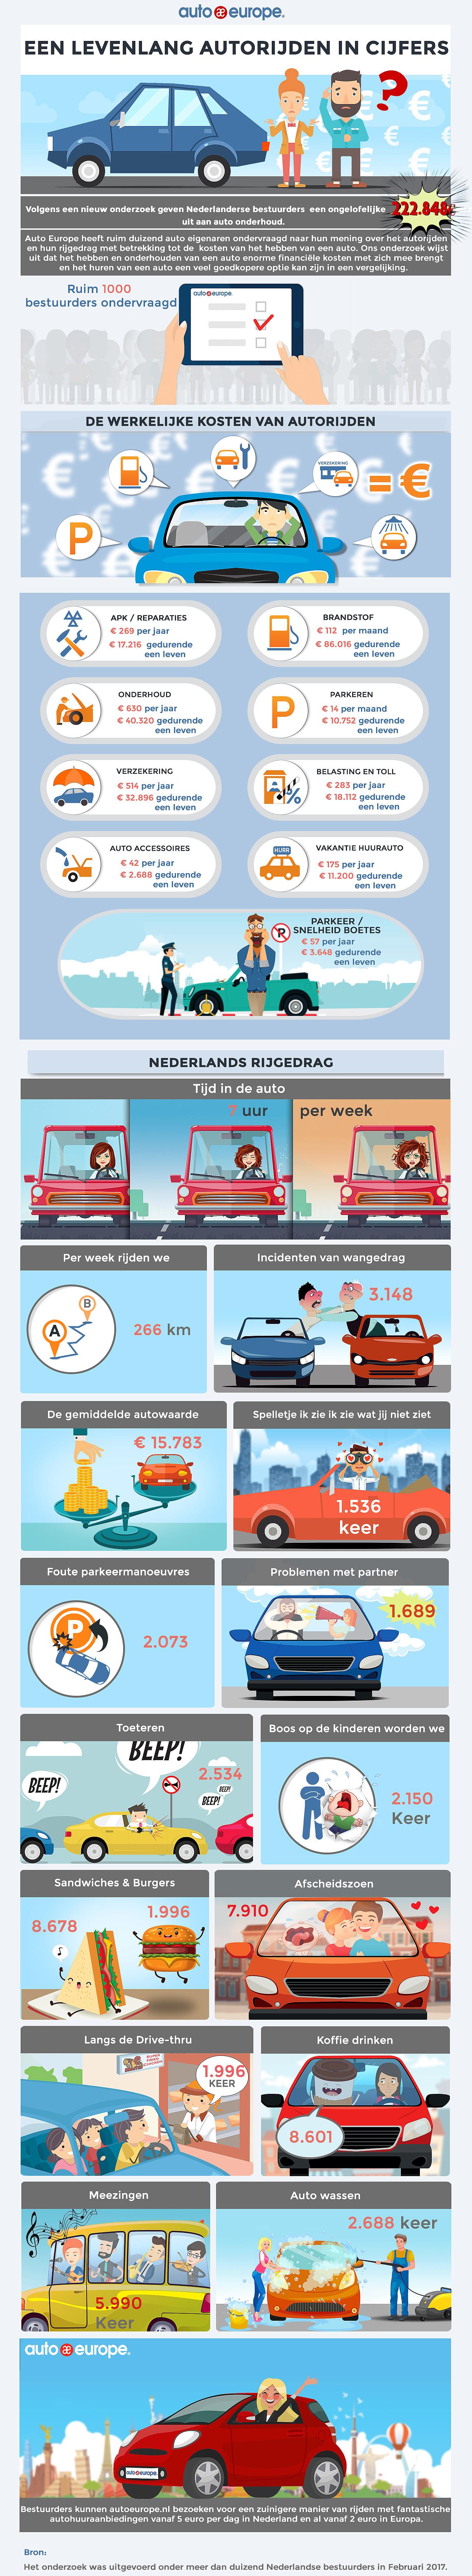 Infographic: De kosten van autorijden